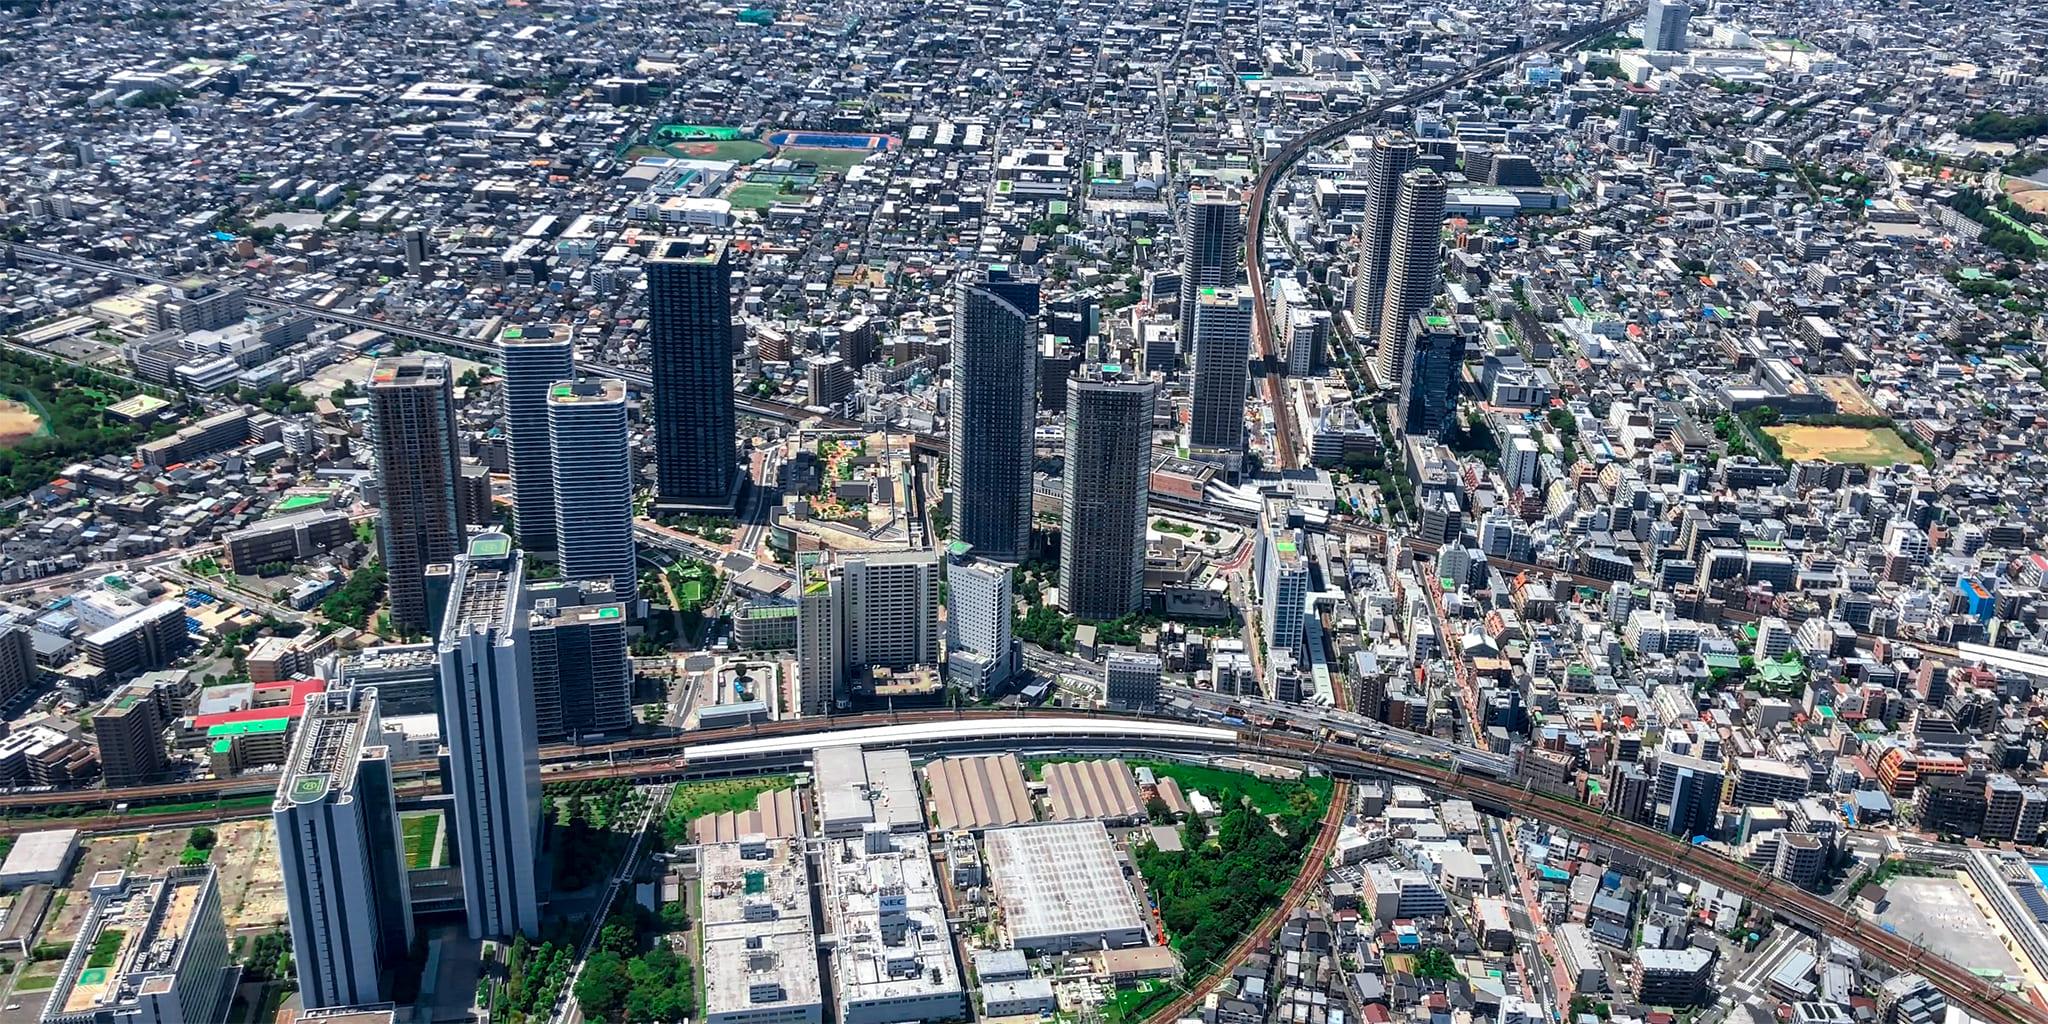 ヘリコプターで東京上空をフライトして見える武蔵小杉